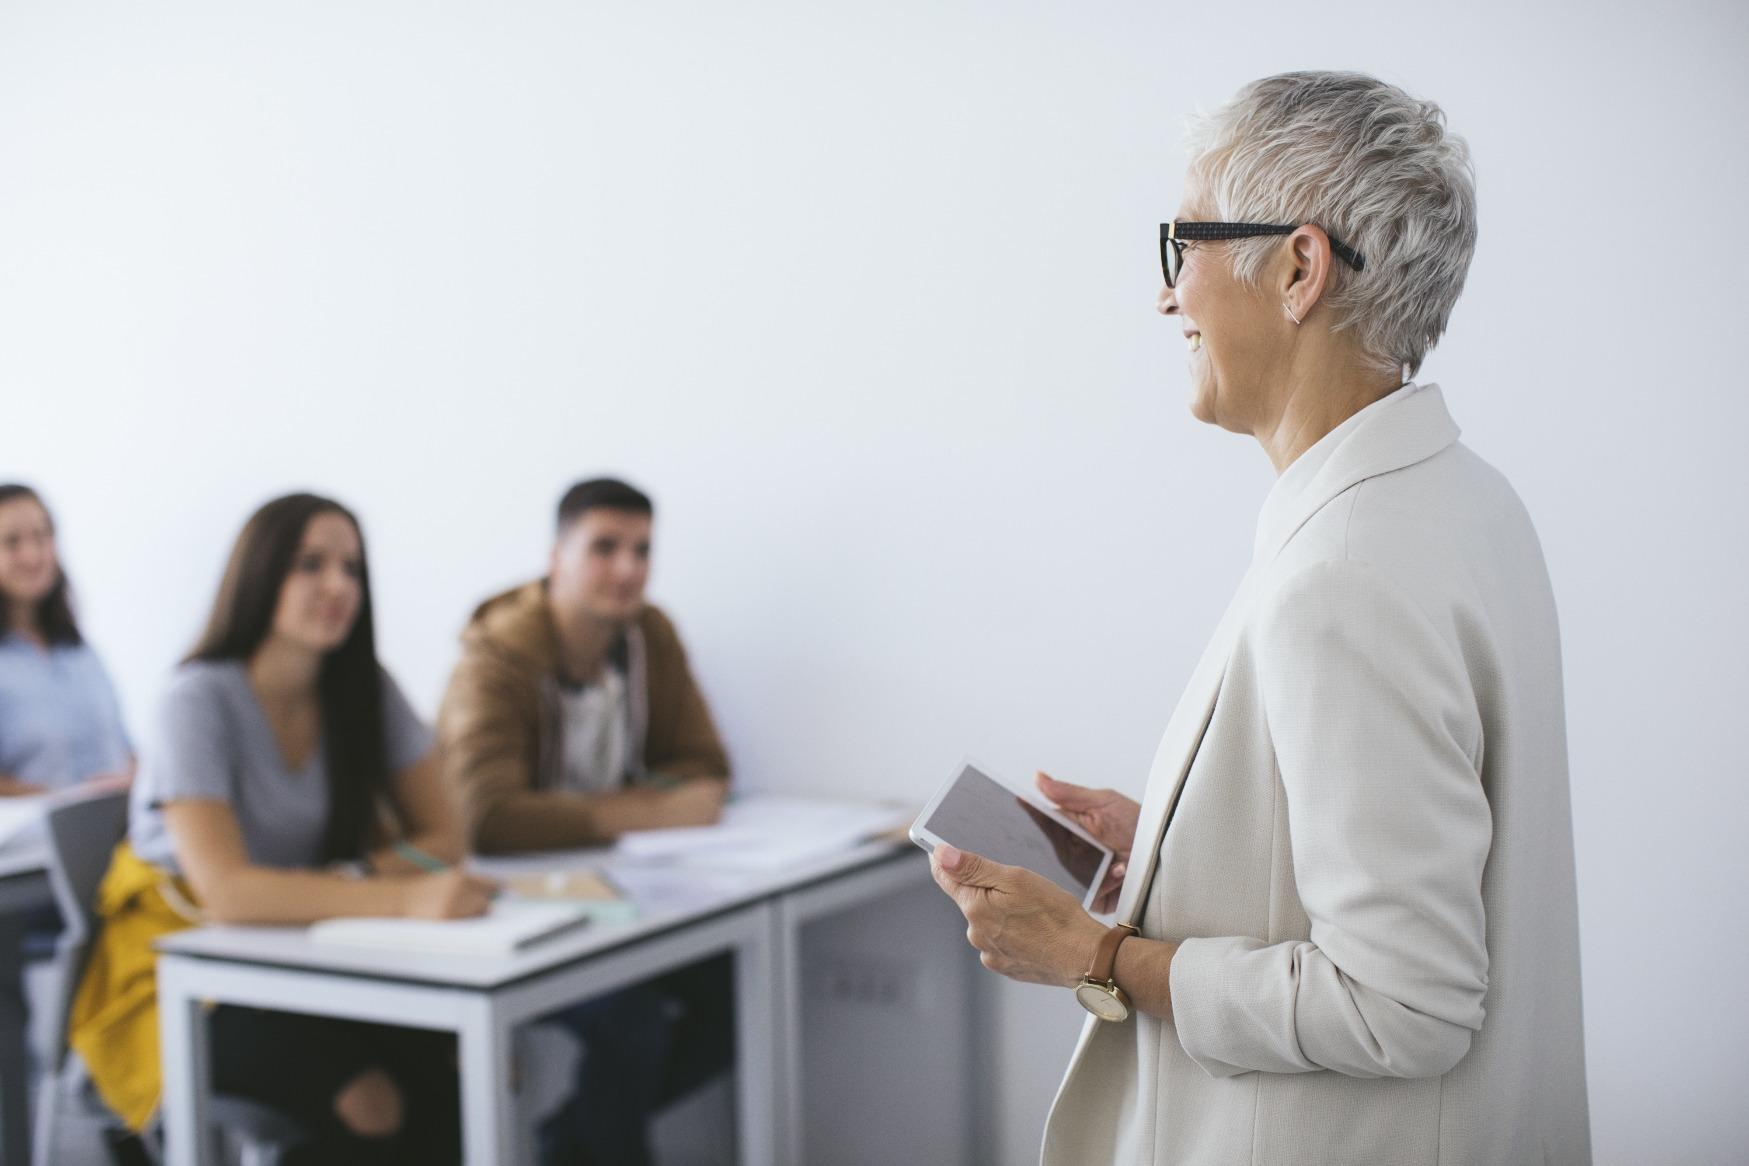 Professorin bei der Vorlesung mit Tablet